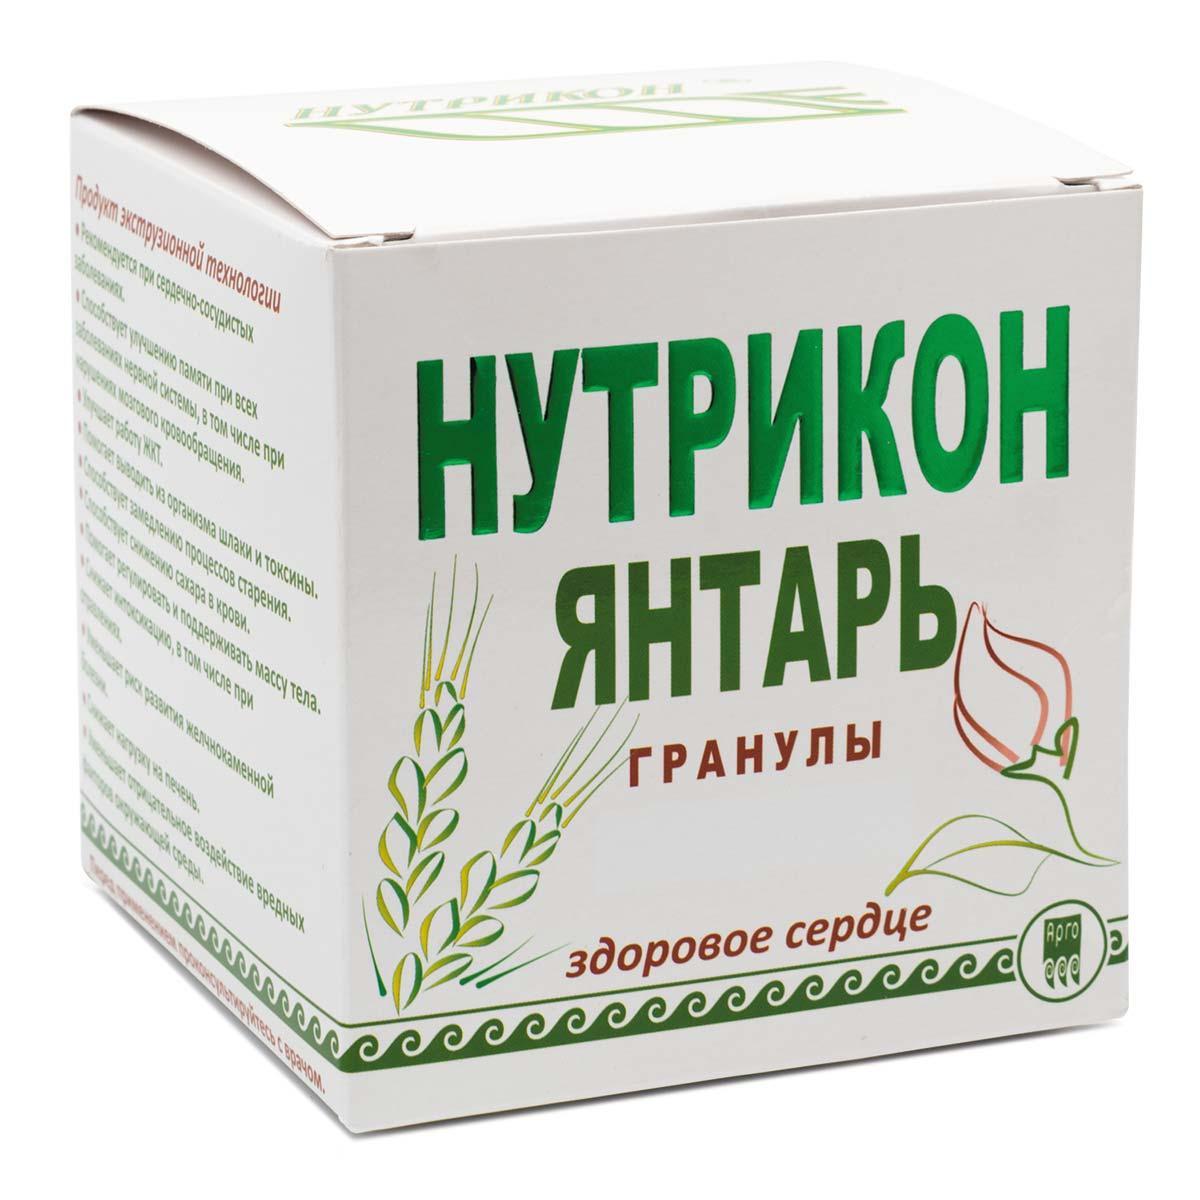 Нутрикон Янтарь Арго 350 г гранулы НИИ ЛОП и НТ для здоровья сердца